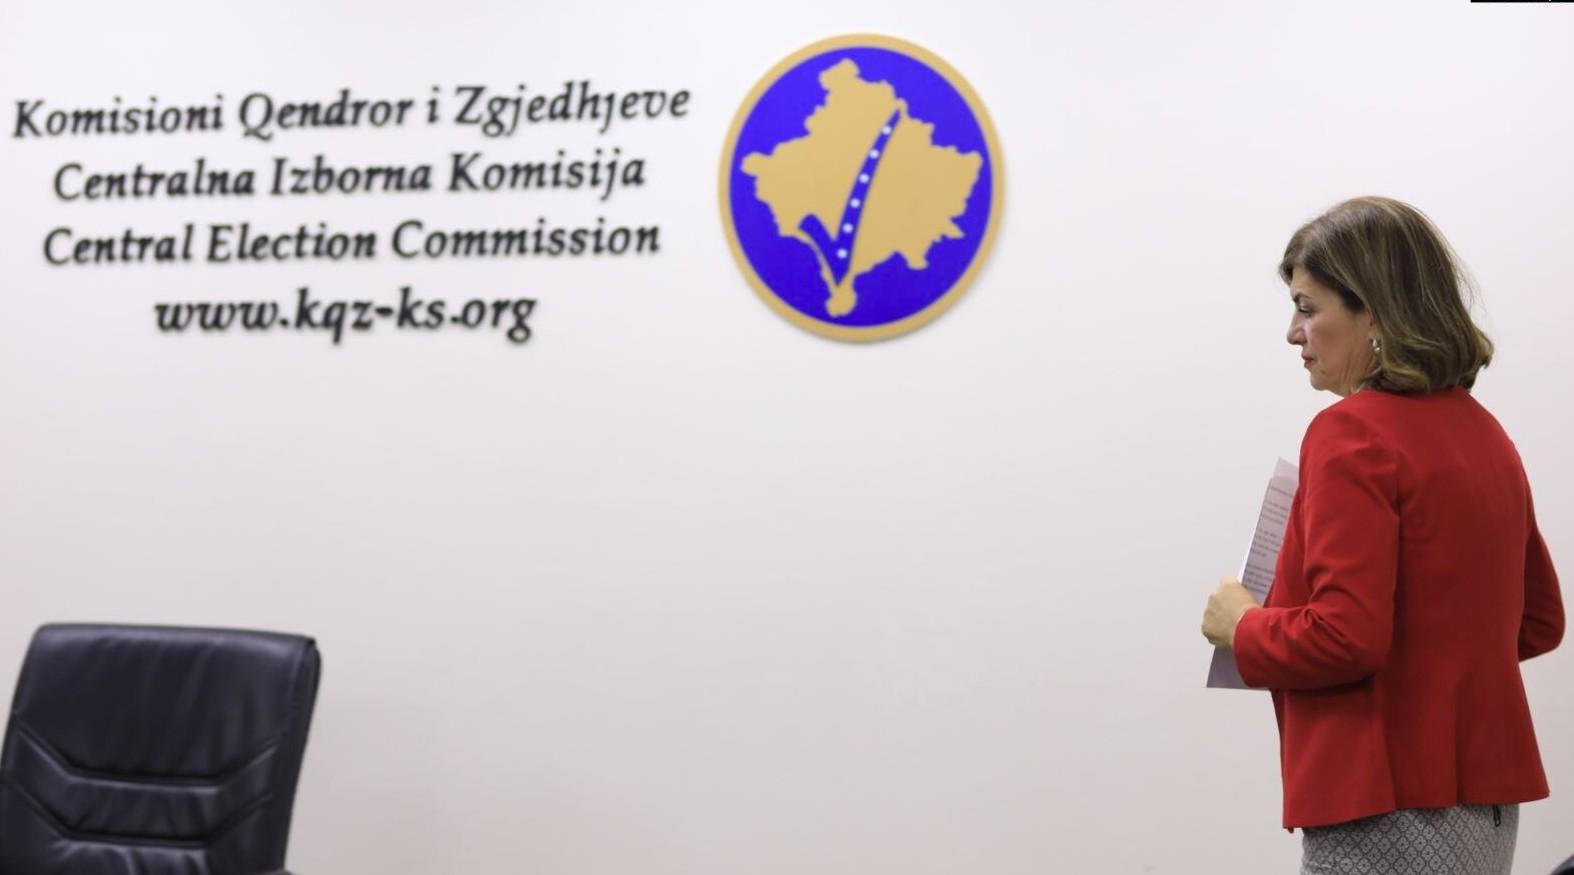 Zyra e Bashkimit Evropian në Kosovë reagon pasi Vjosa Osmani shkarkoi Valdete Dakën